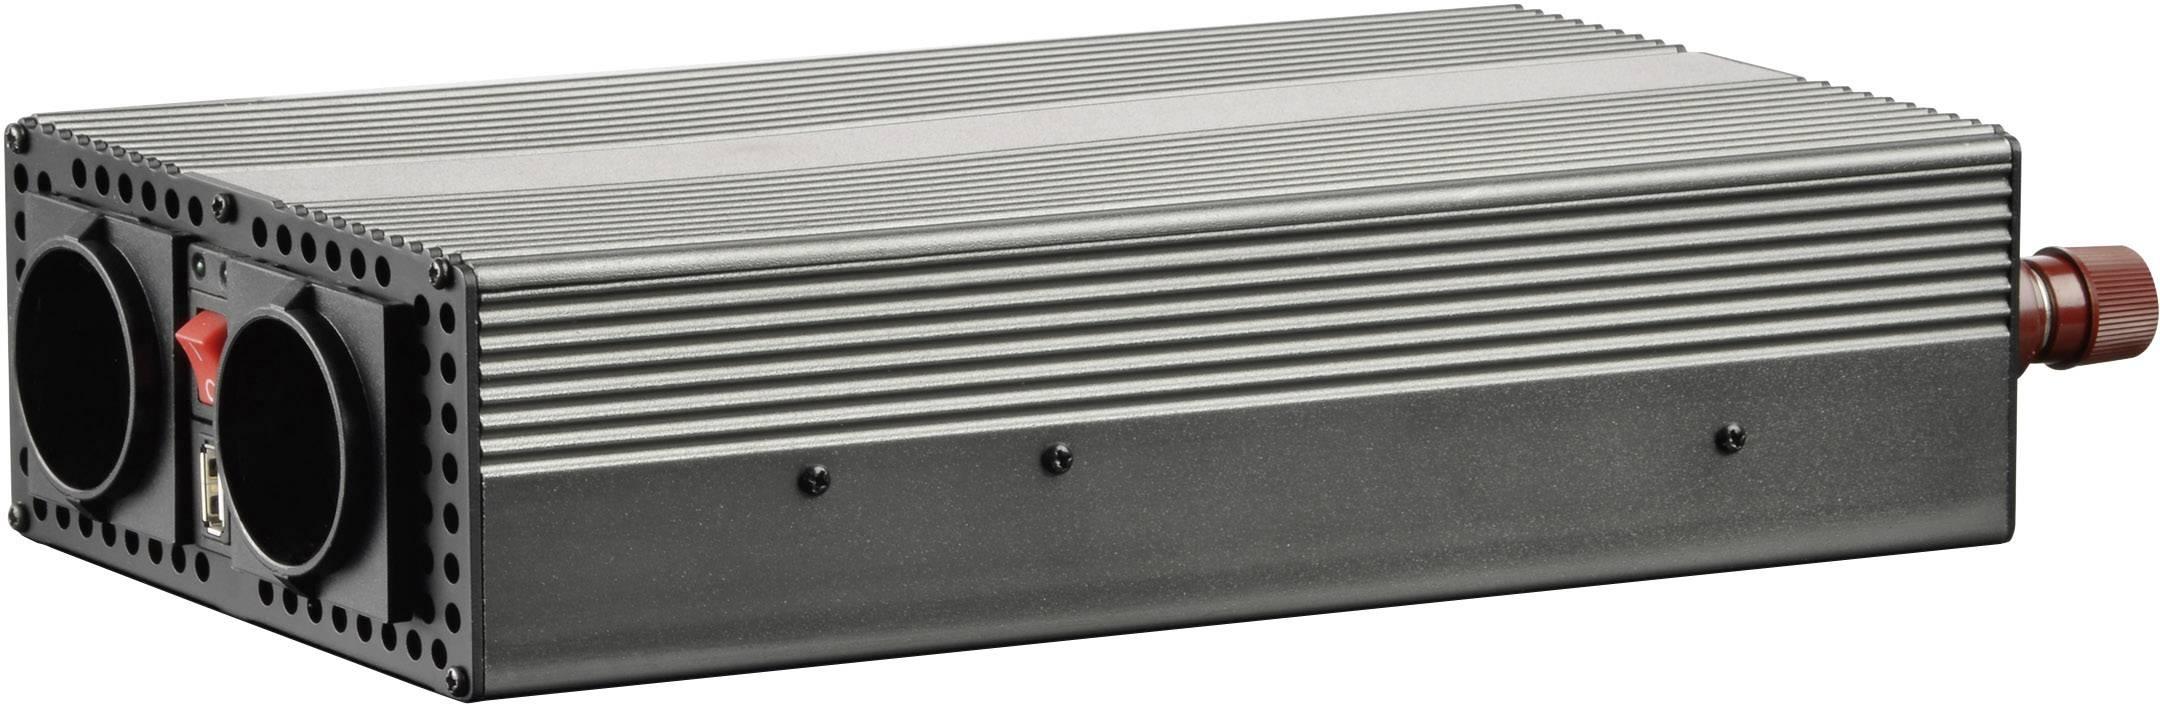 Menič napätia Voltcraft MSW 1200-24-F, USB